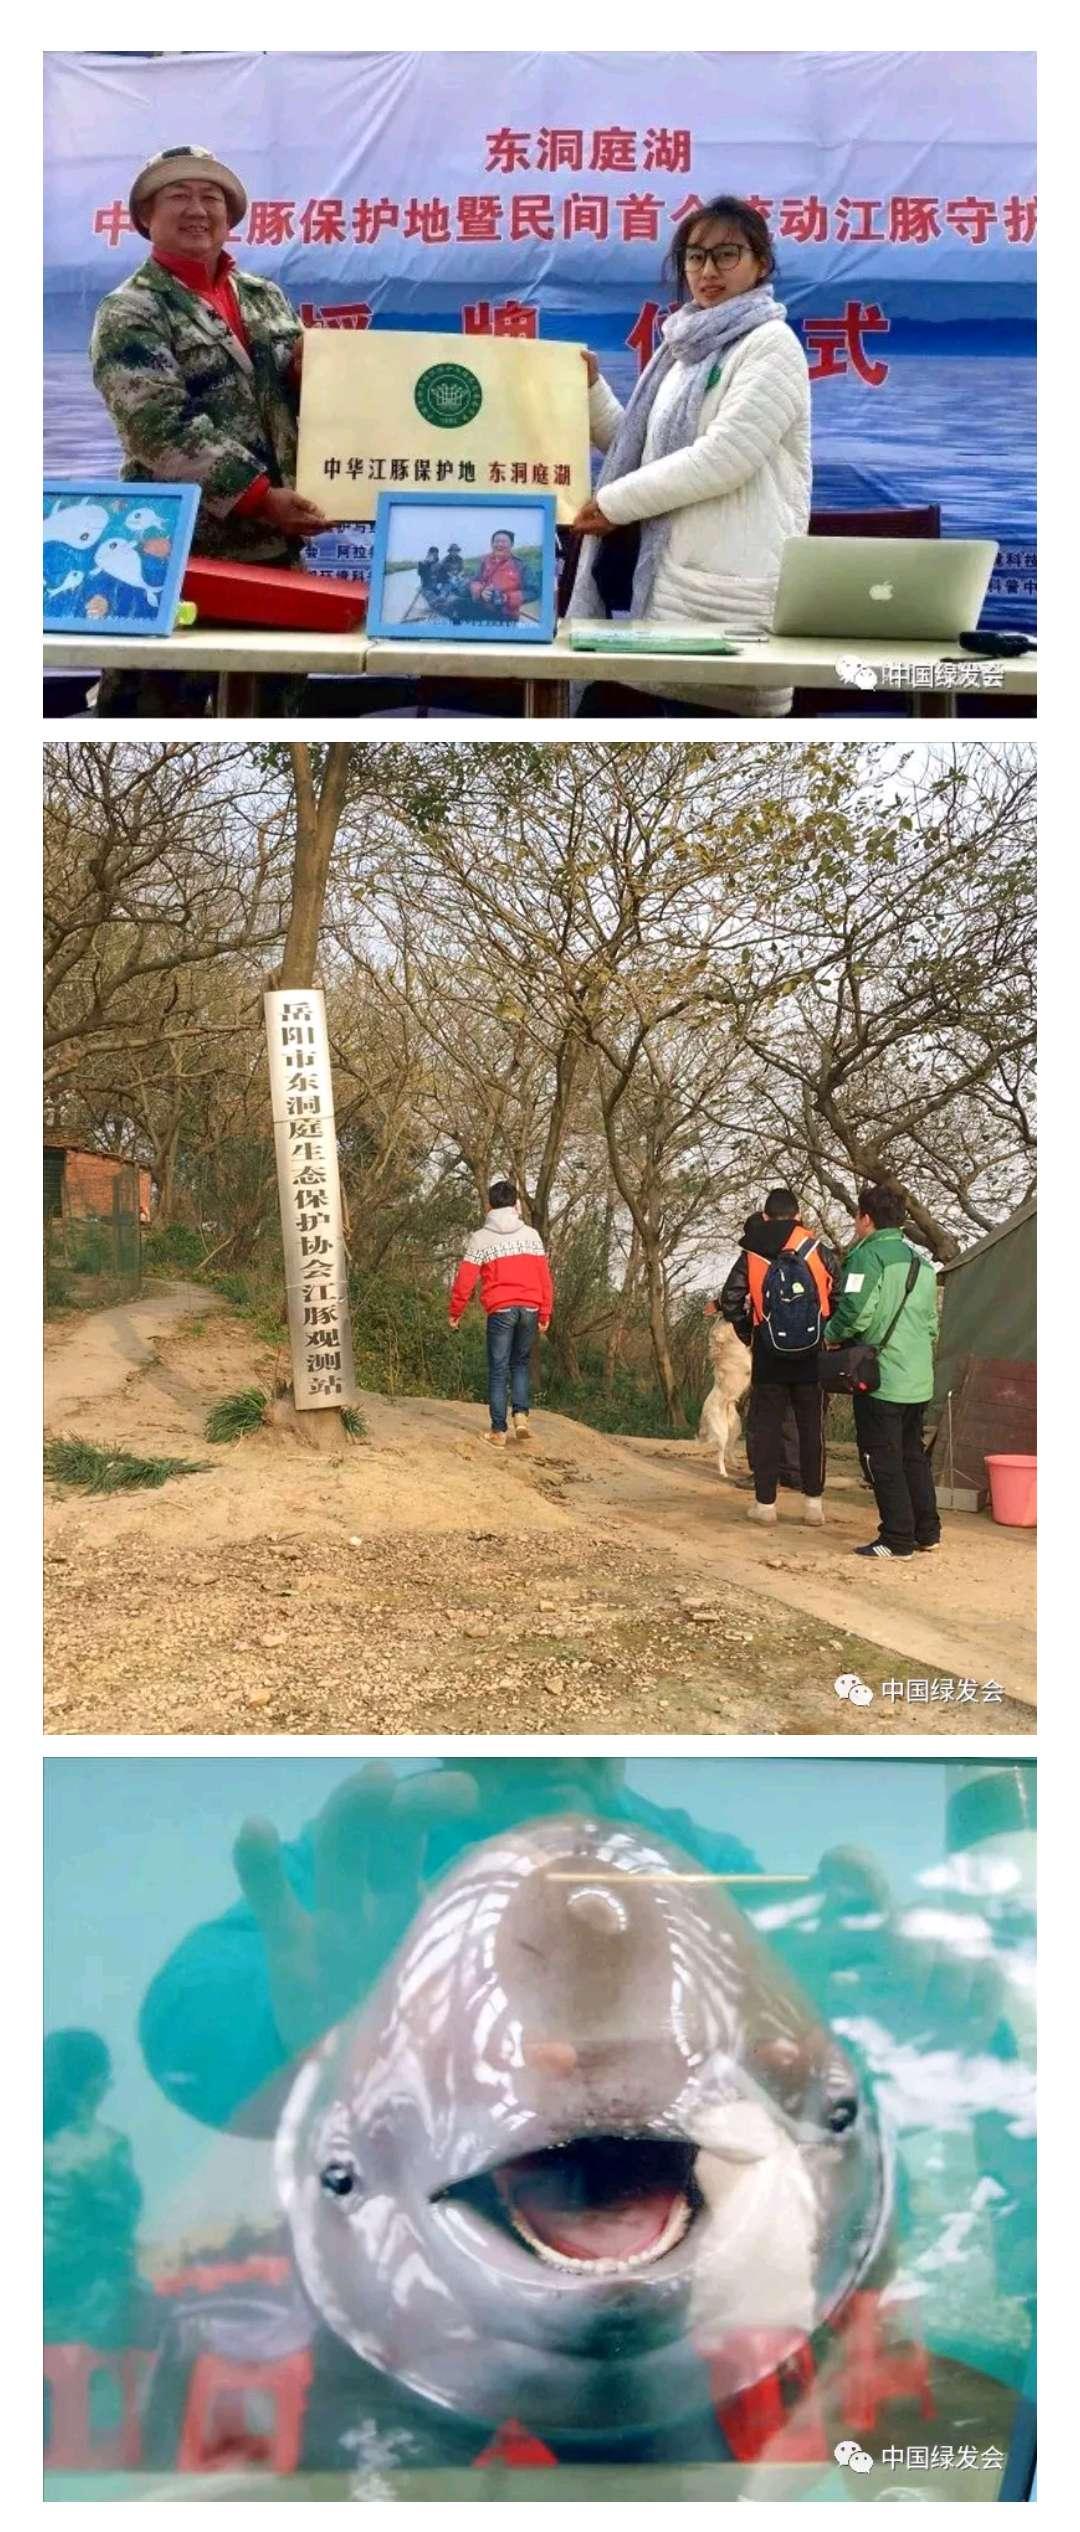 长江江猪图片_候鸟、江豚、秋沙鸭......长江沿岸的绿会保护地,第二波来袭 ...